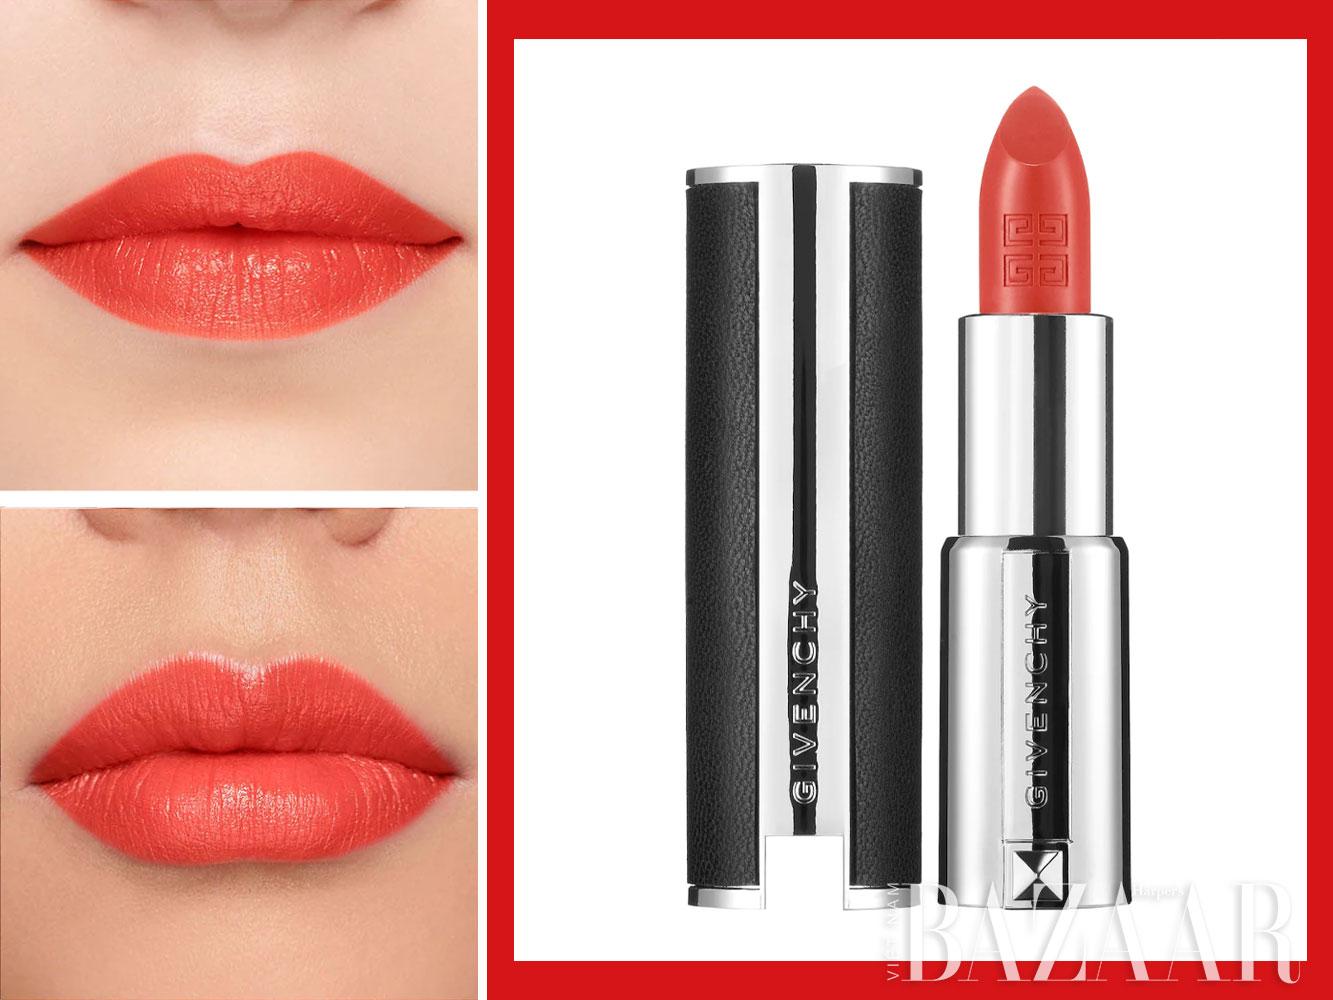 Son môi màu đỏ san hô cao cấp: Givenchy